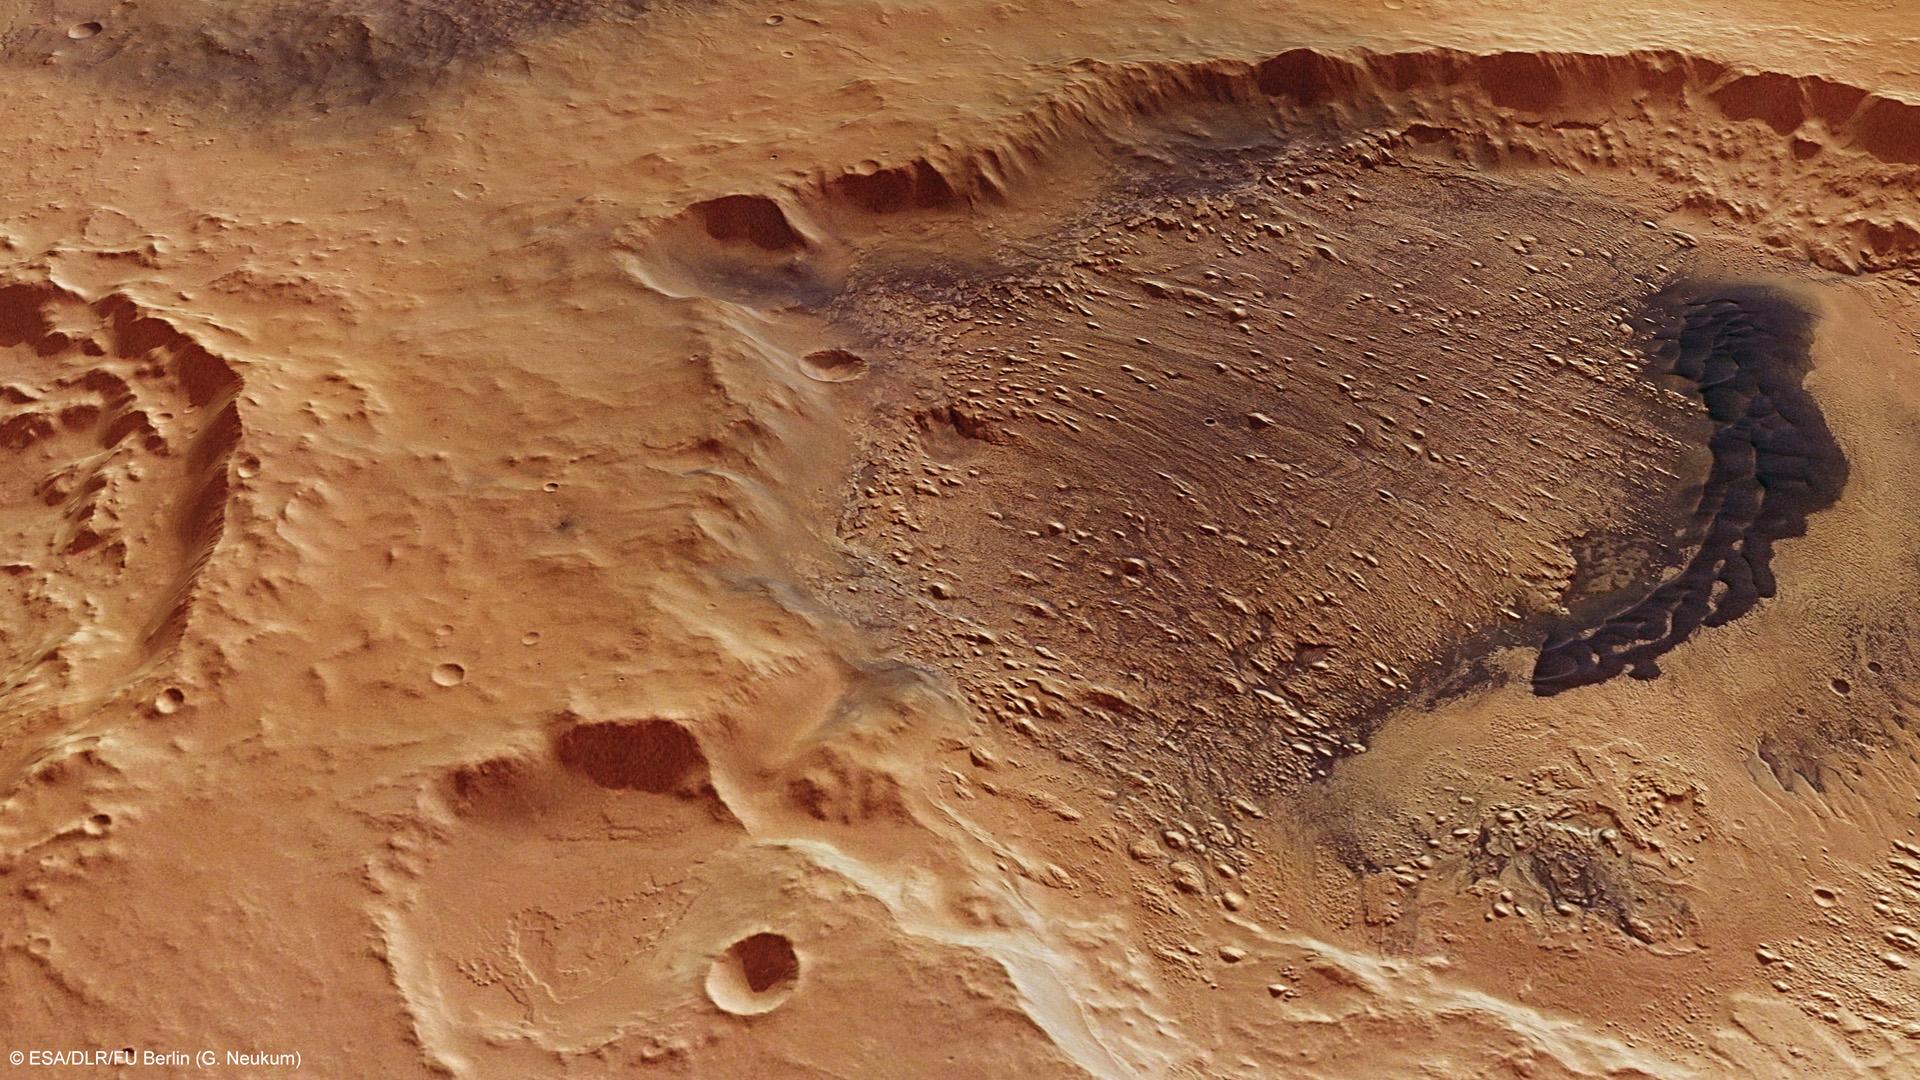 mars planet map hi res - photo #36